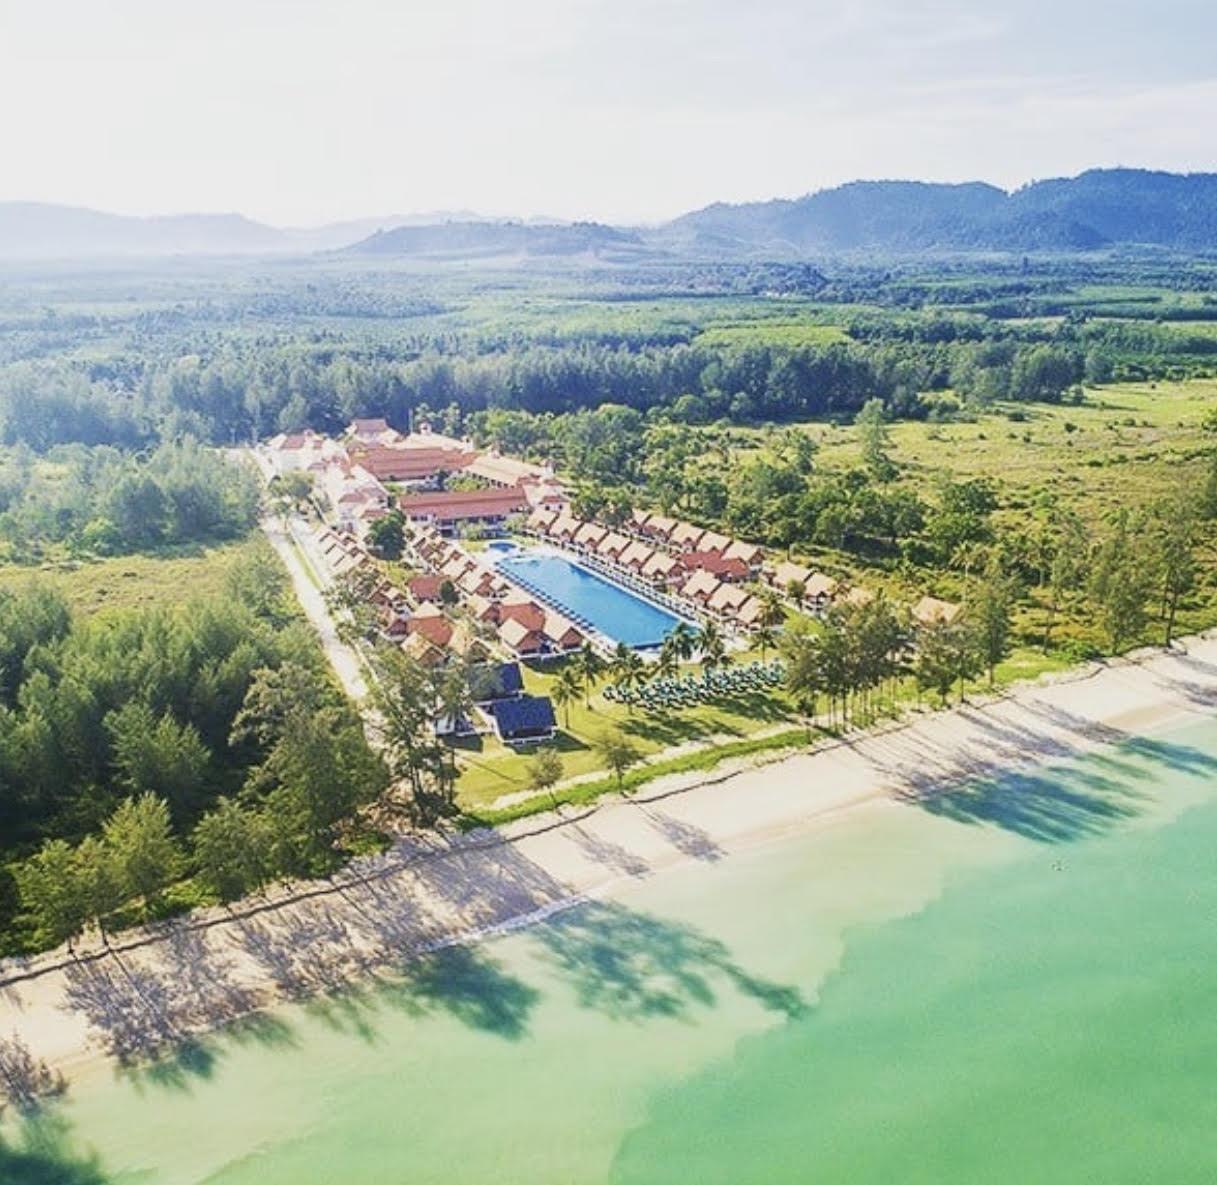 Thailand, Le menara Beachfront Hotel, khao Lak, Thailand